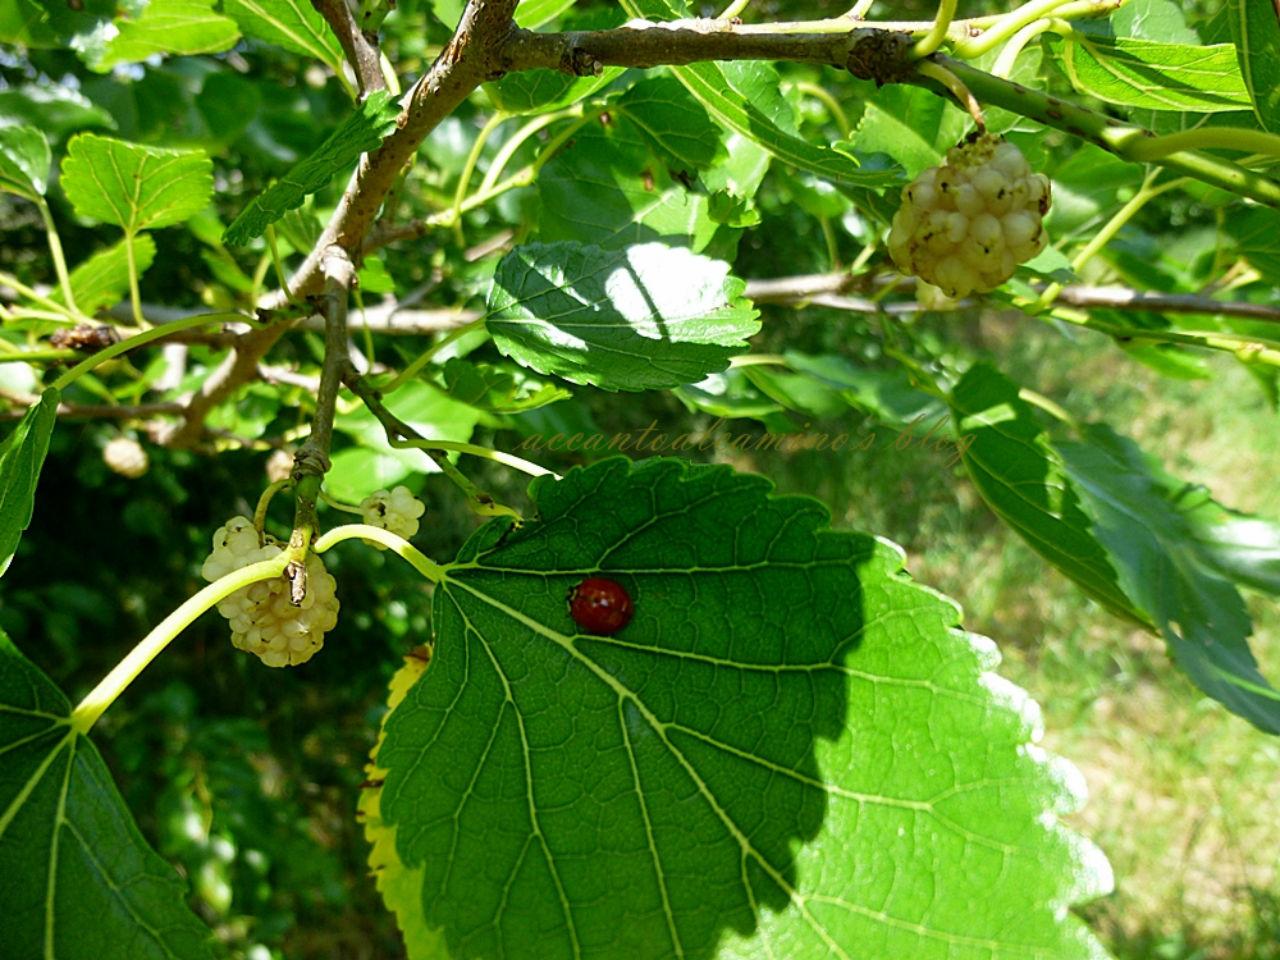 10 piante per attirare le coccinelle nel vostro giardino - Piante per giardino ...